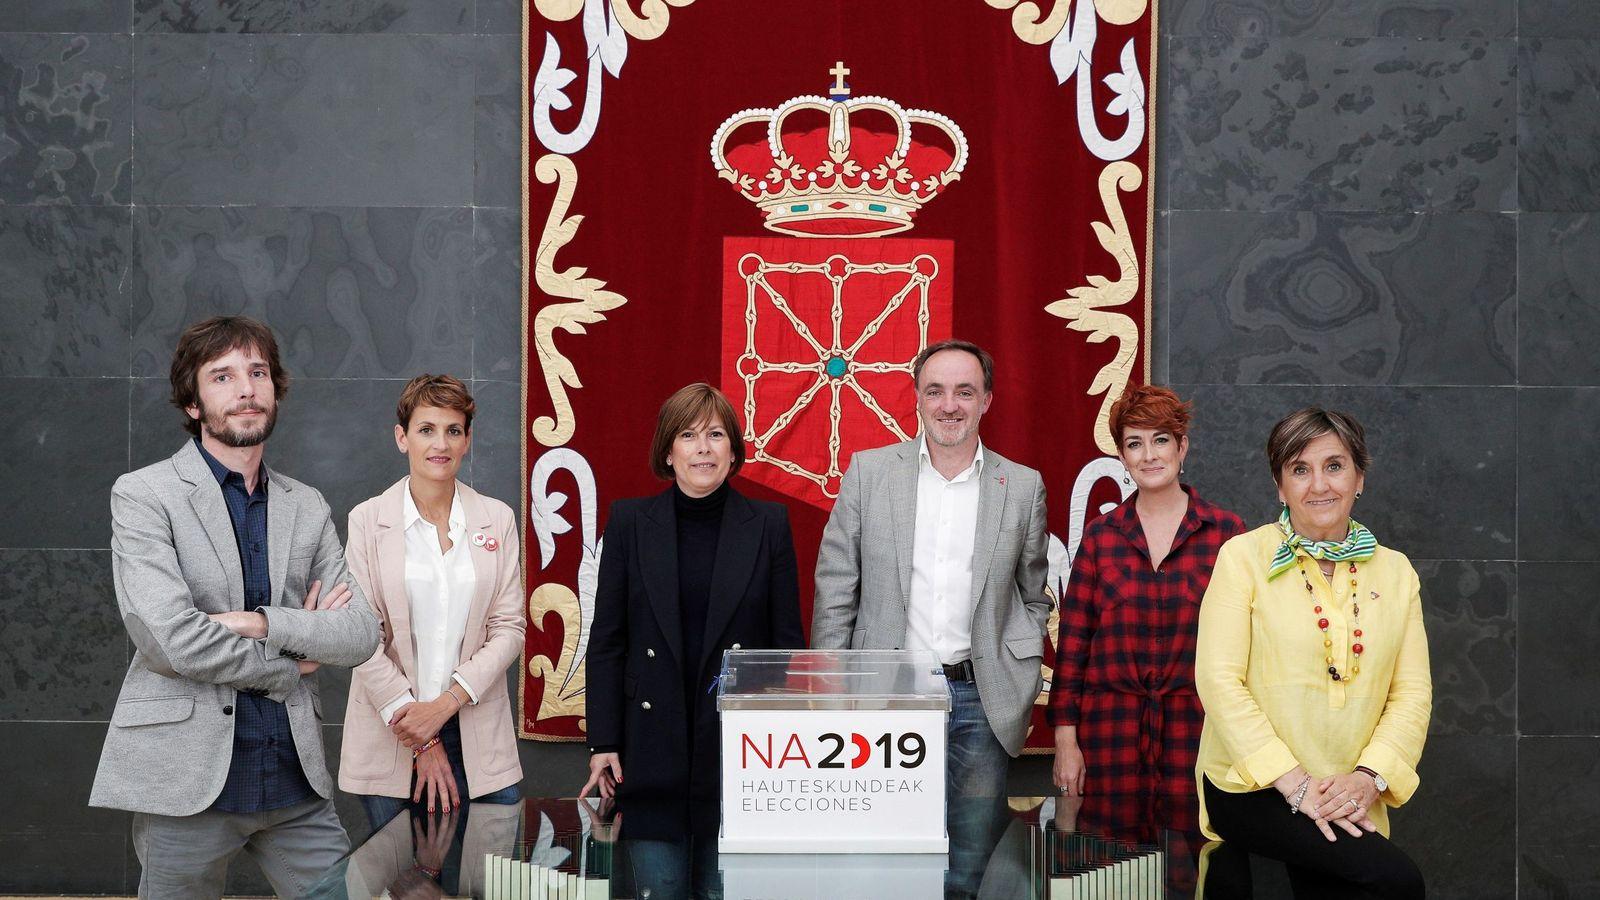 Foto: Los candidatos Mikel Buil (Podemos), María Chivite (PSN), Uxue Barkos (GBai), Javier Esparza (Na+), Bakartxo Ruiz (Bildu) y Marisa de Simón (I-E), el pasado 18 de mayo. (EFE)